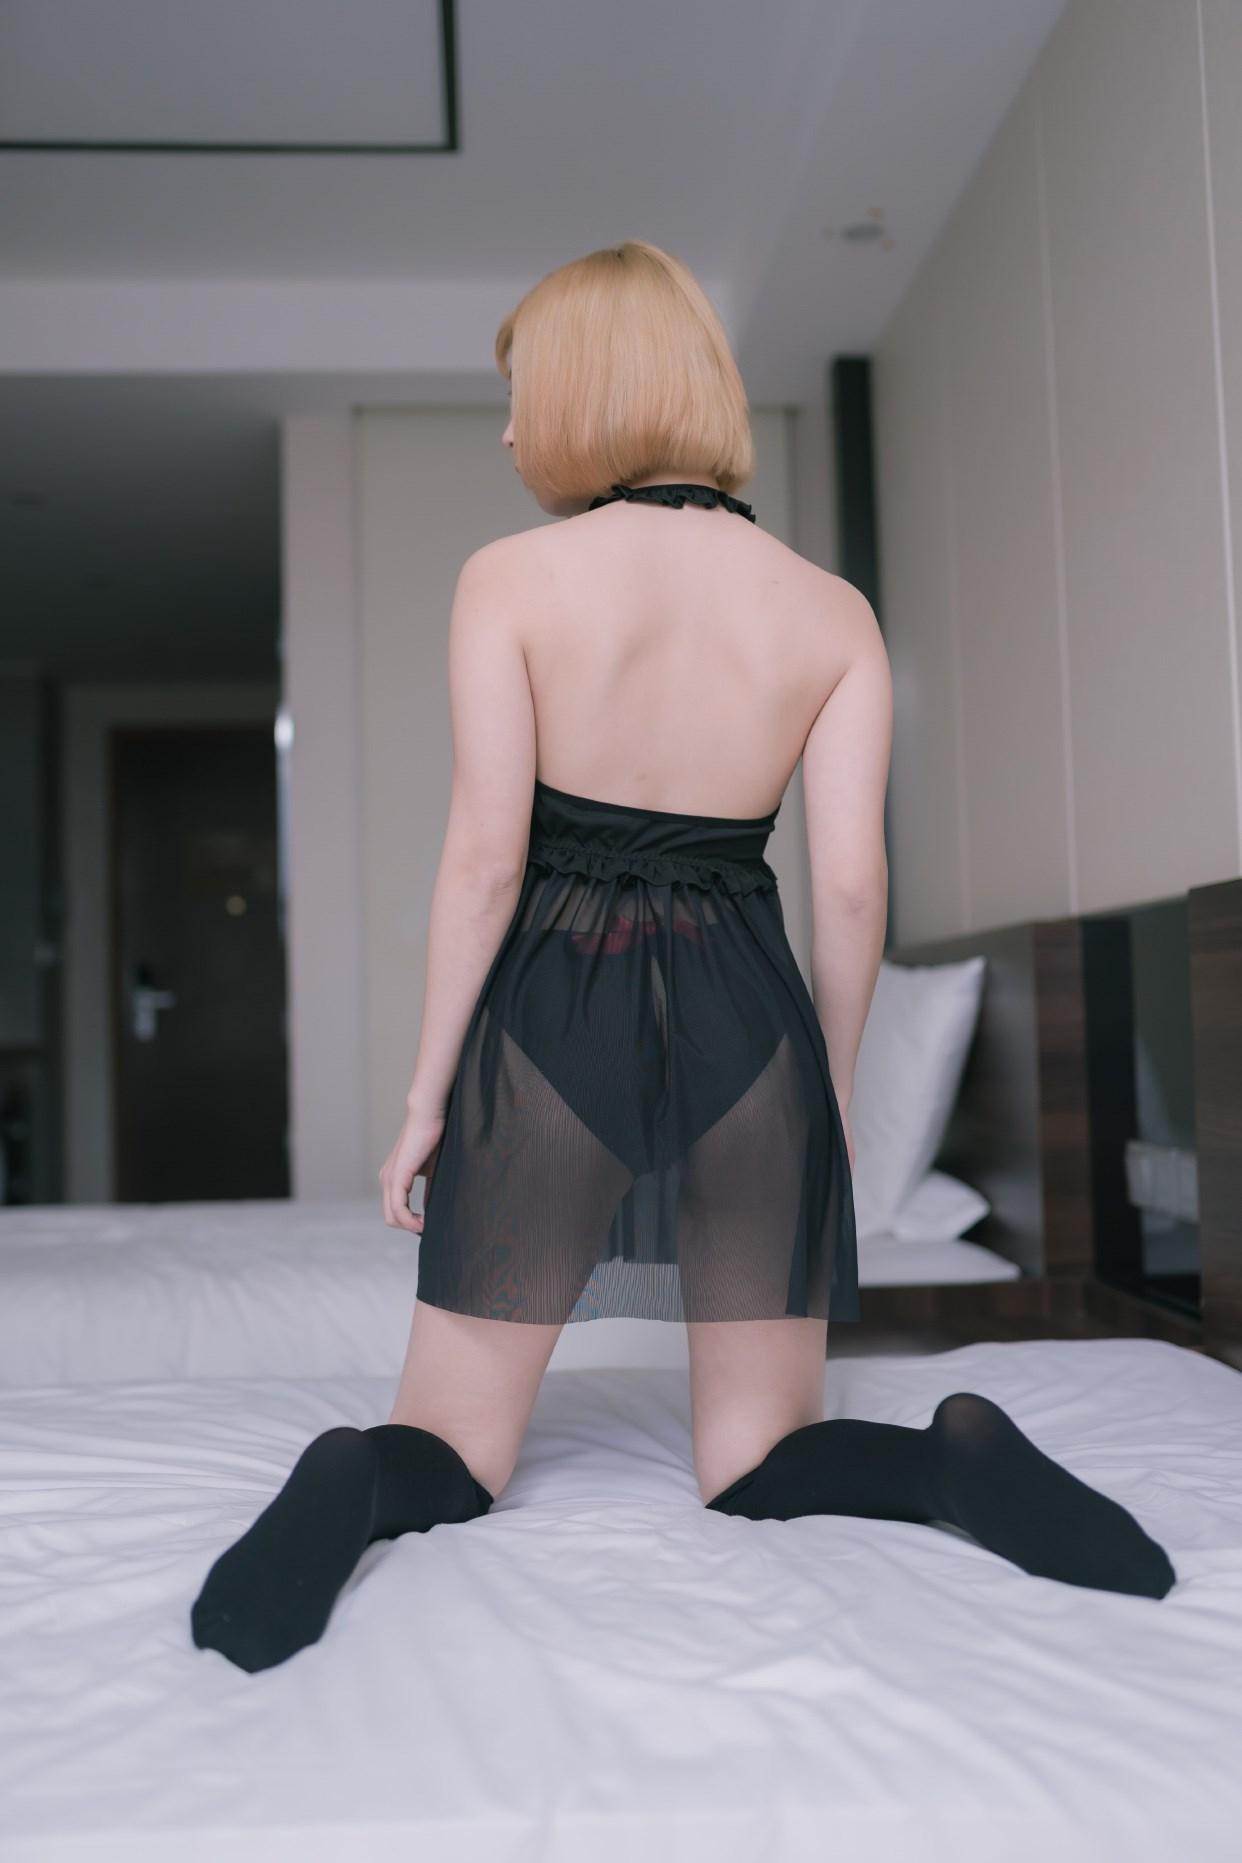 【兔玩映画】性感小睡衣 兔玩映画 第37张